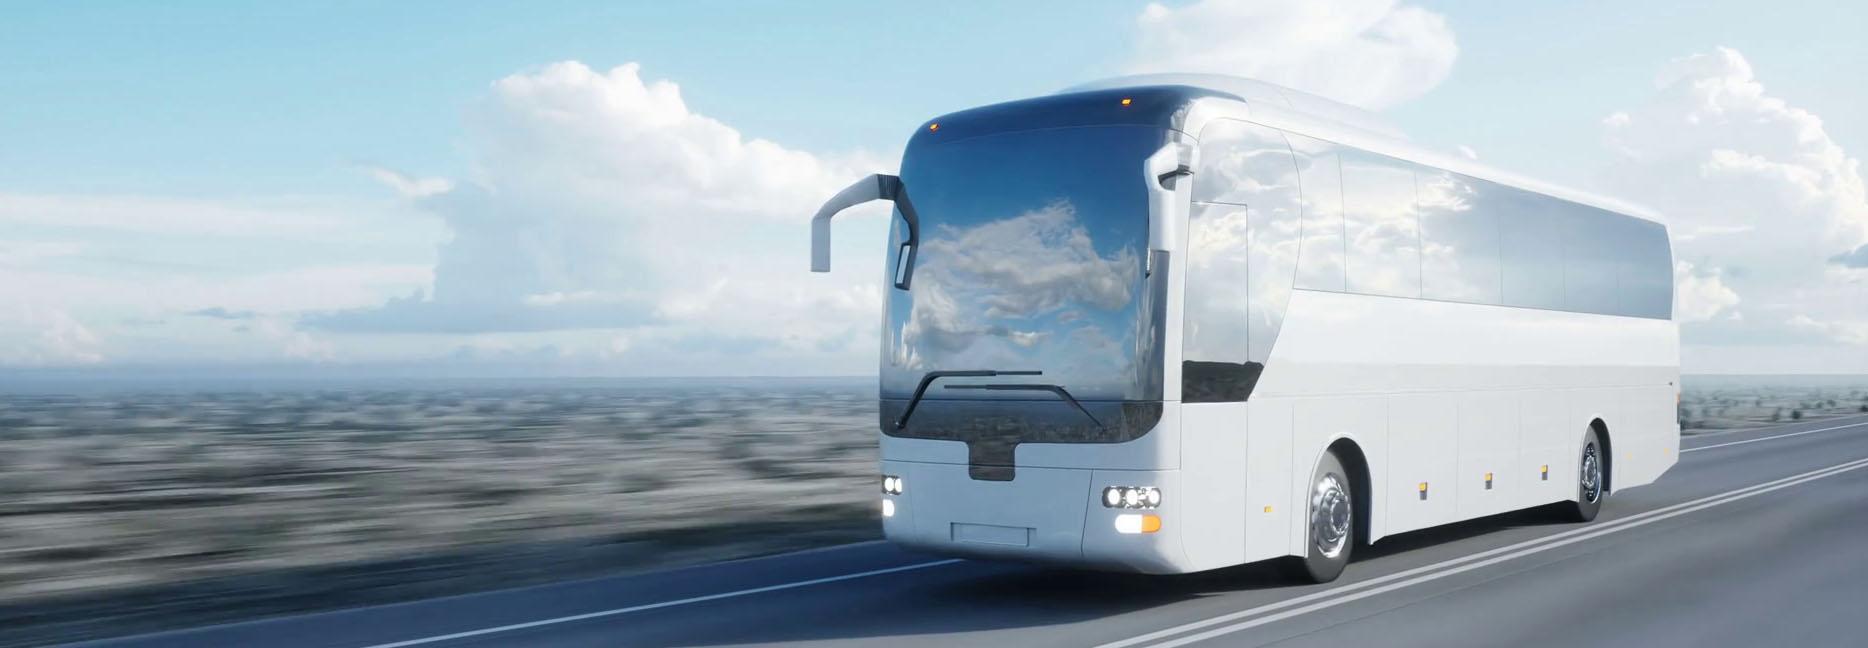 nova-travel